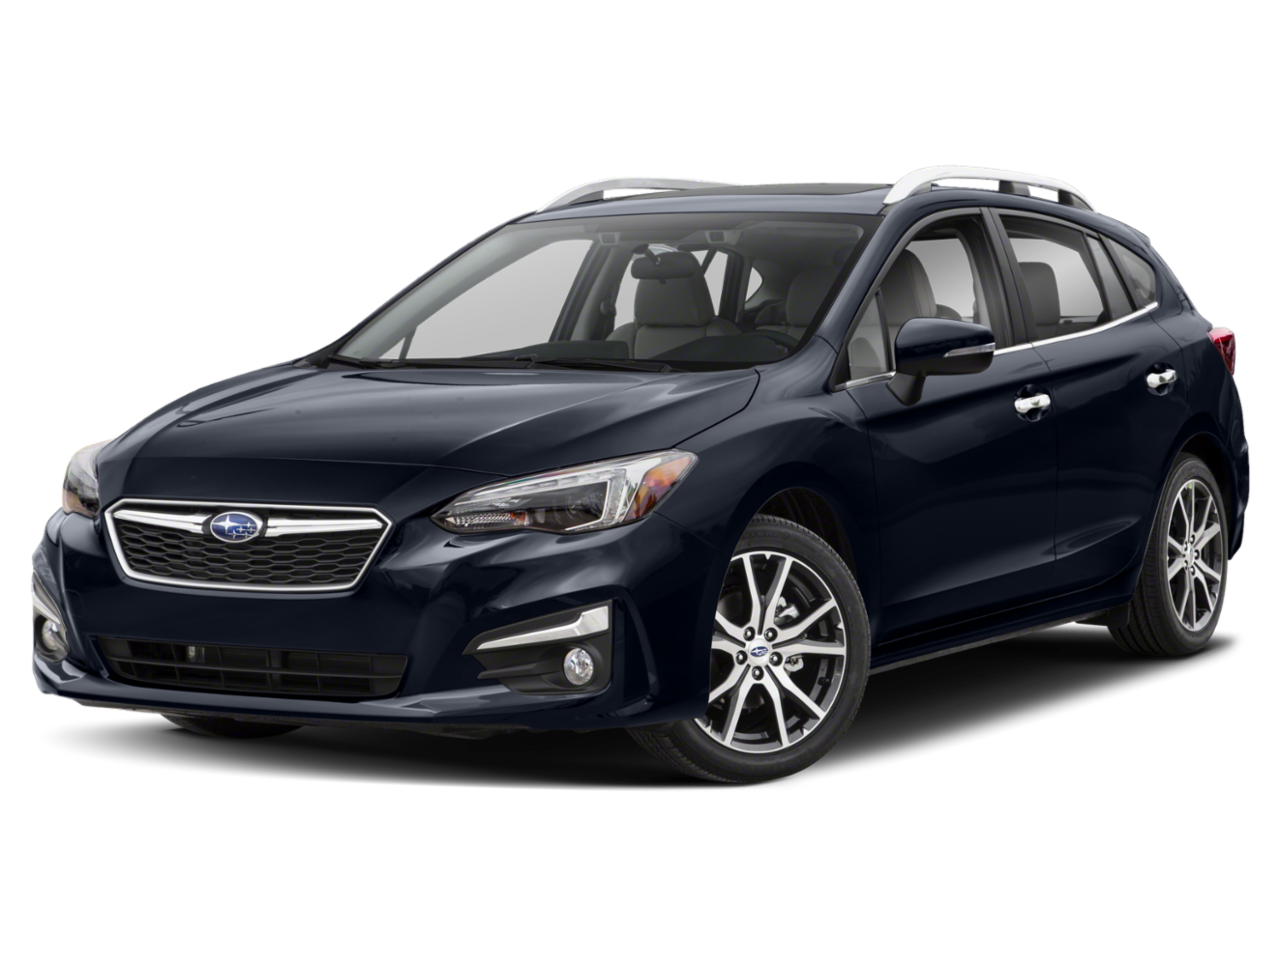 2019 Subaru Impreza 2.0i Limited Hatchback